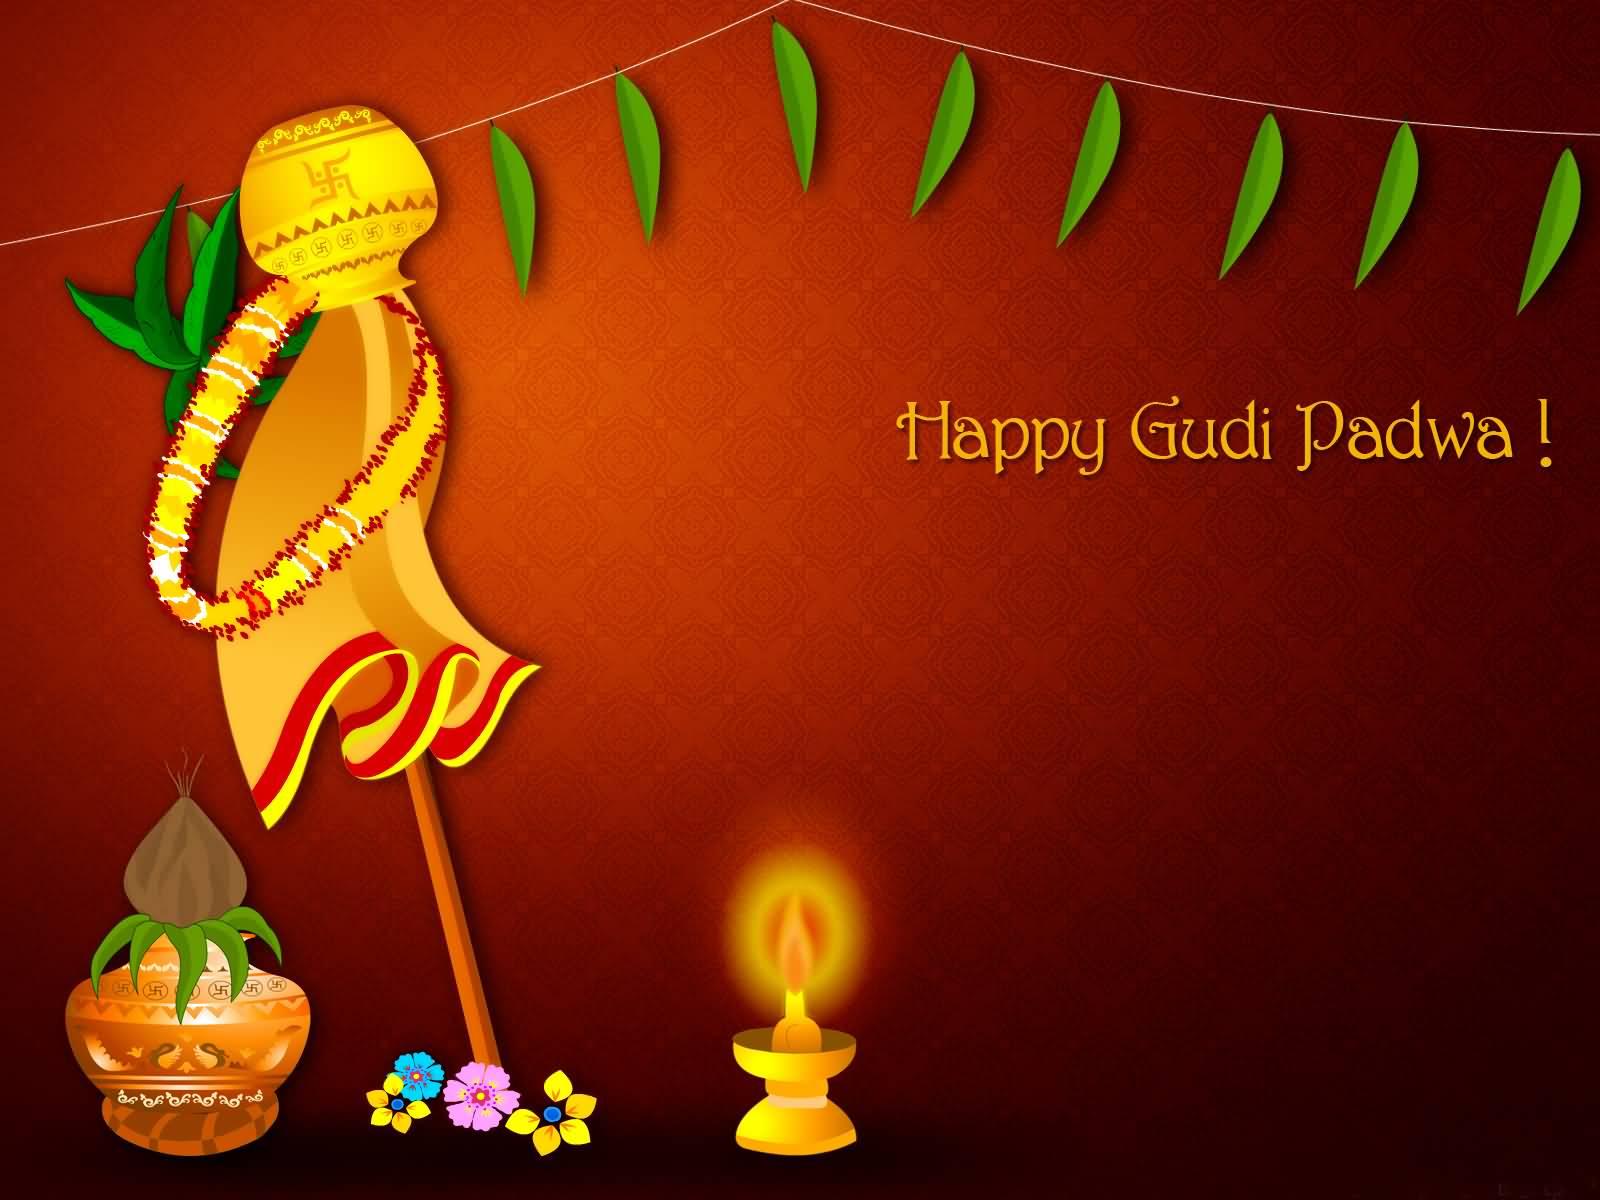 Happy Gudi Padwa 2017 Greetings Picture